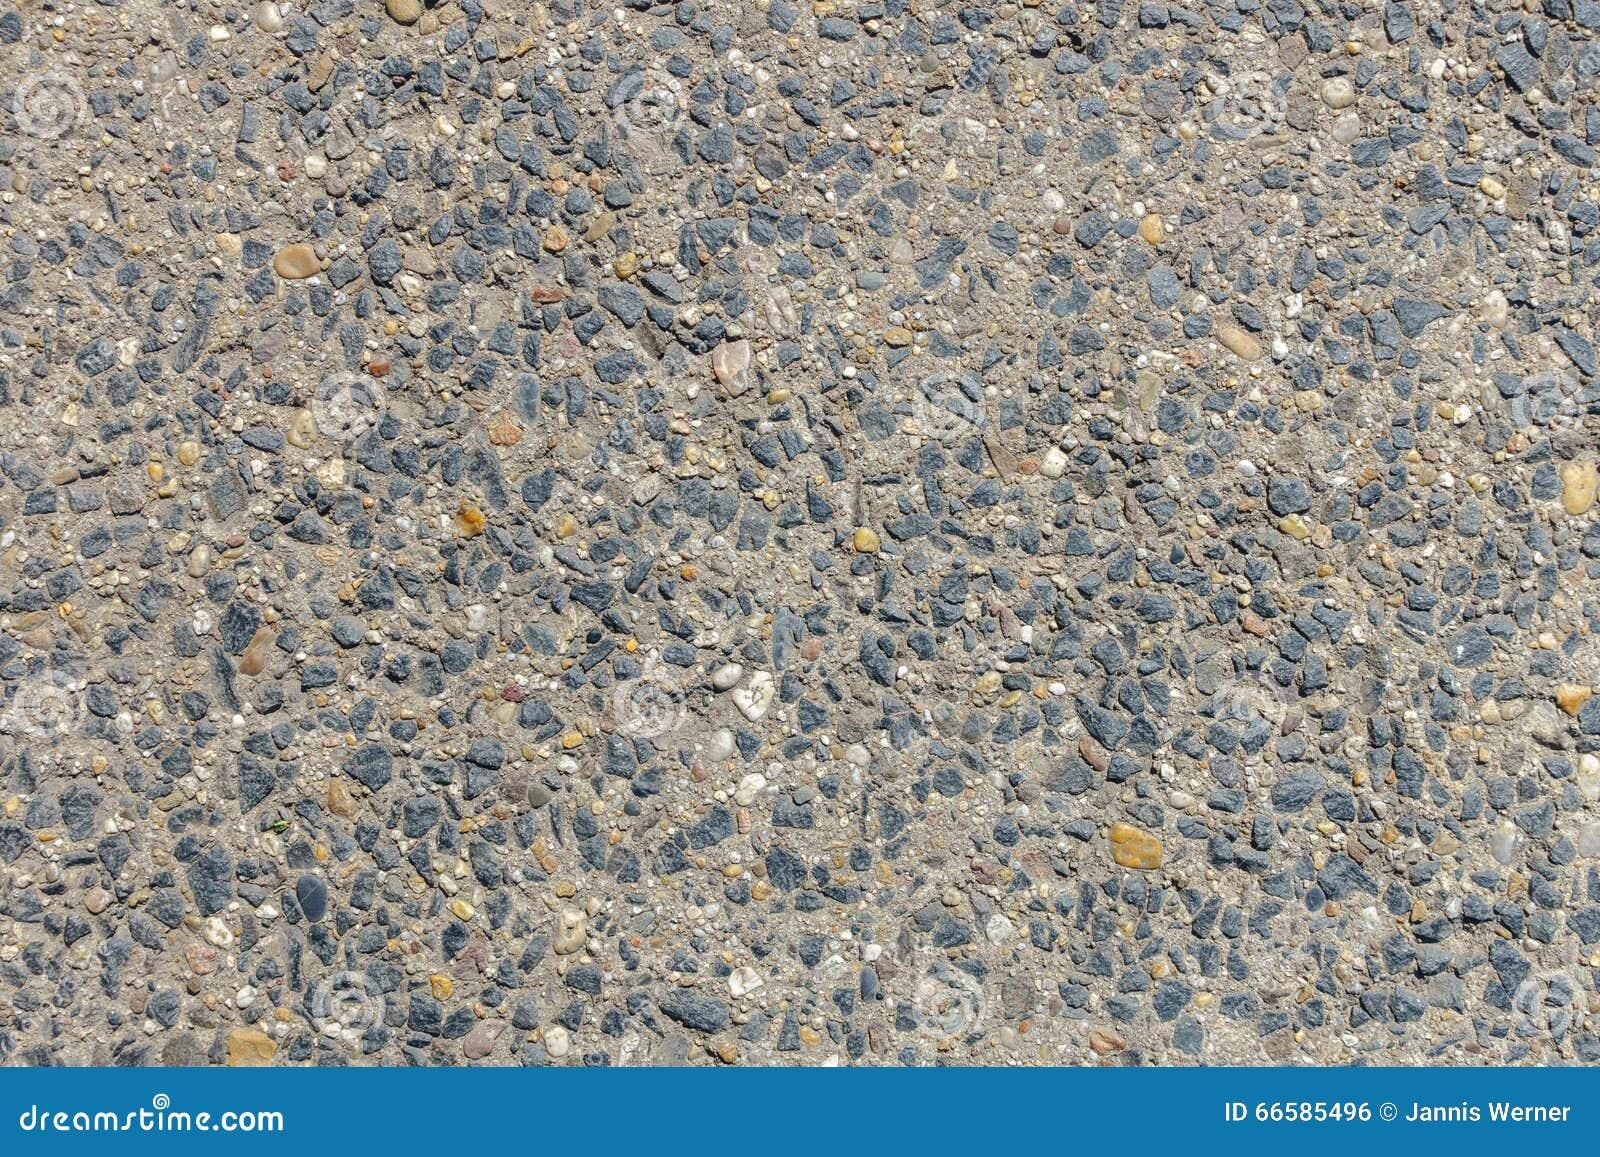 Stone Floor Stock Photo Image Of Grey Texture Gray